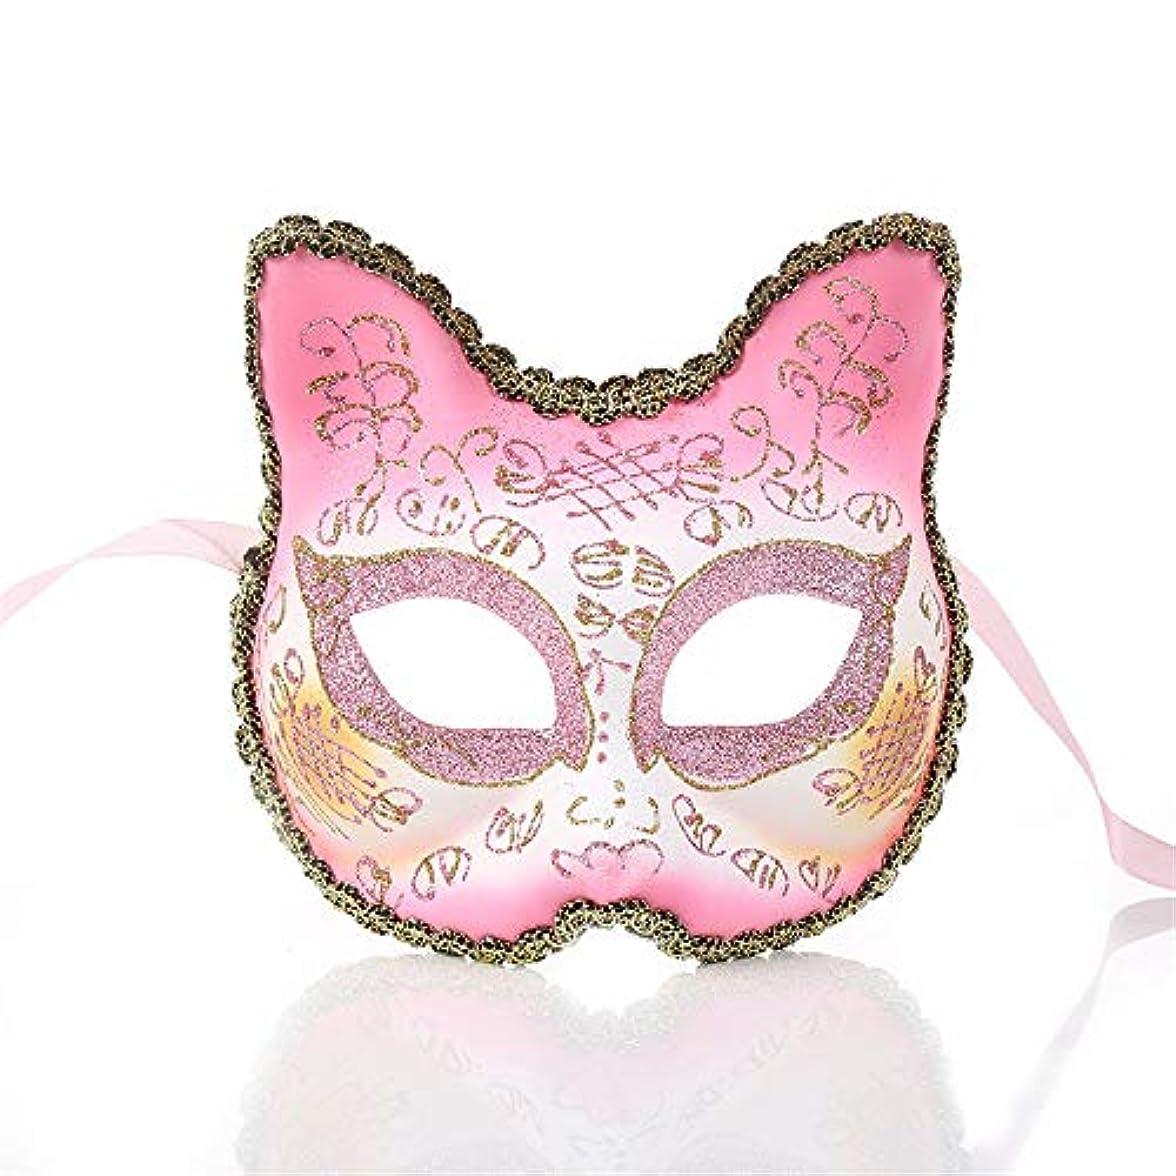 裁判所誤解を招く乳ダンスマスク ワイルドマスカレードロールプレイングパーティーの小道具ナイトクラブのマスクの雰囲気クリスマスフェスティバルロールプレイングプラスチックマスク ホリデーパーティー用品 (色 : ピンク, サイズ : 13x13cm)